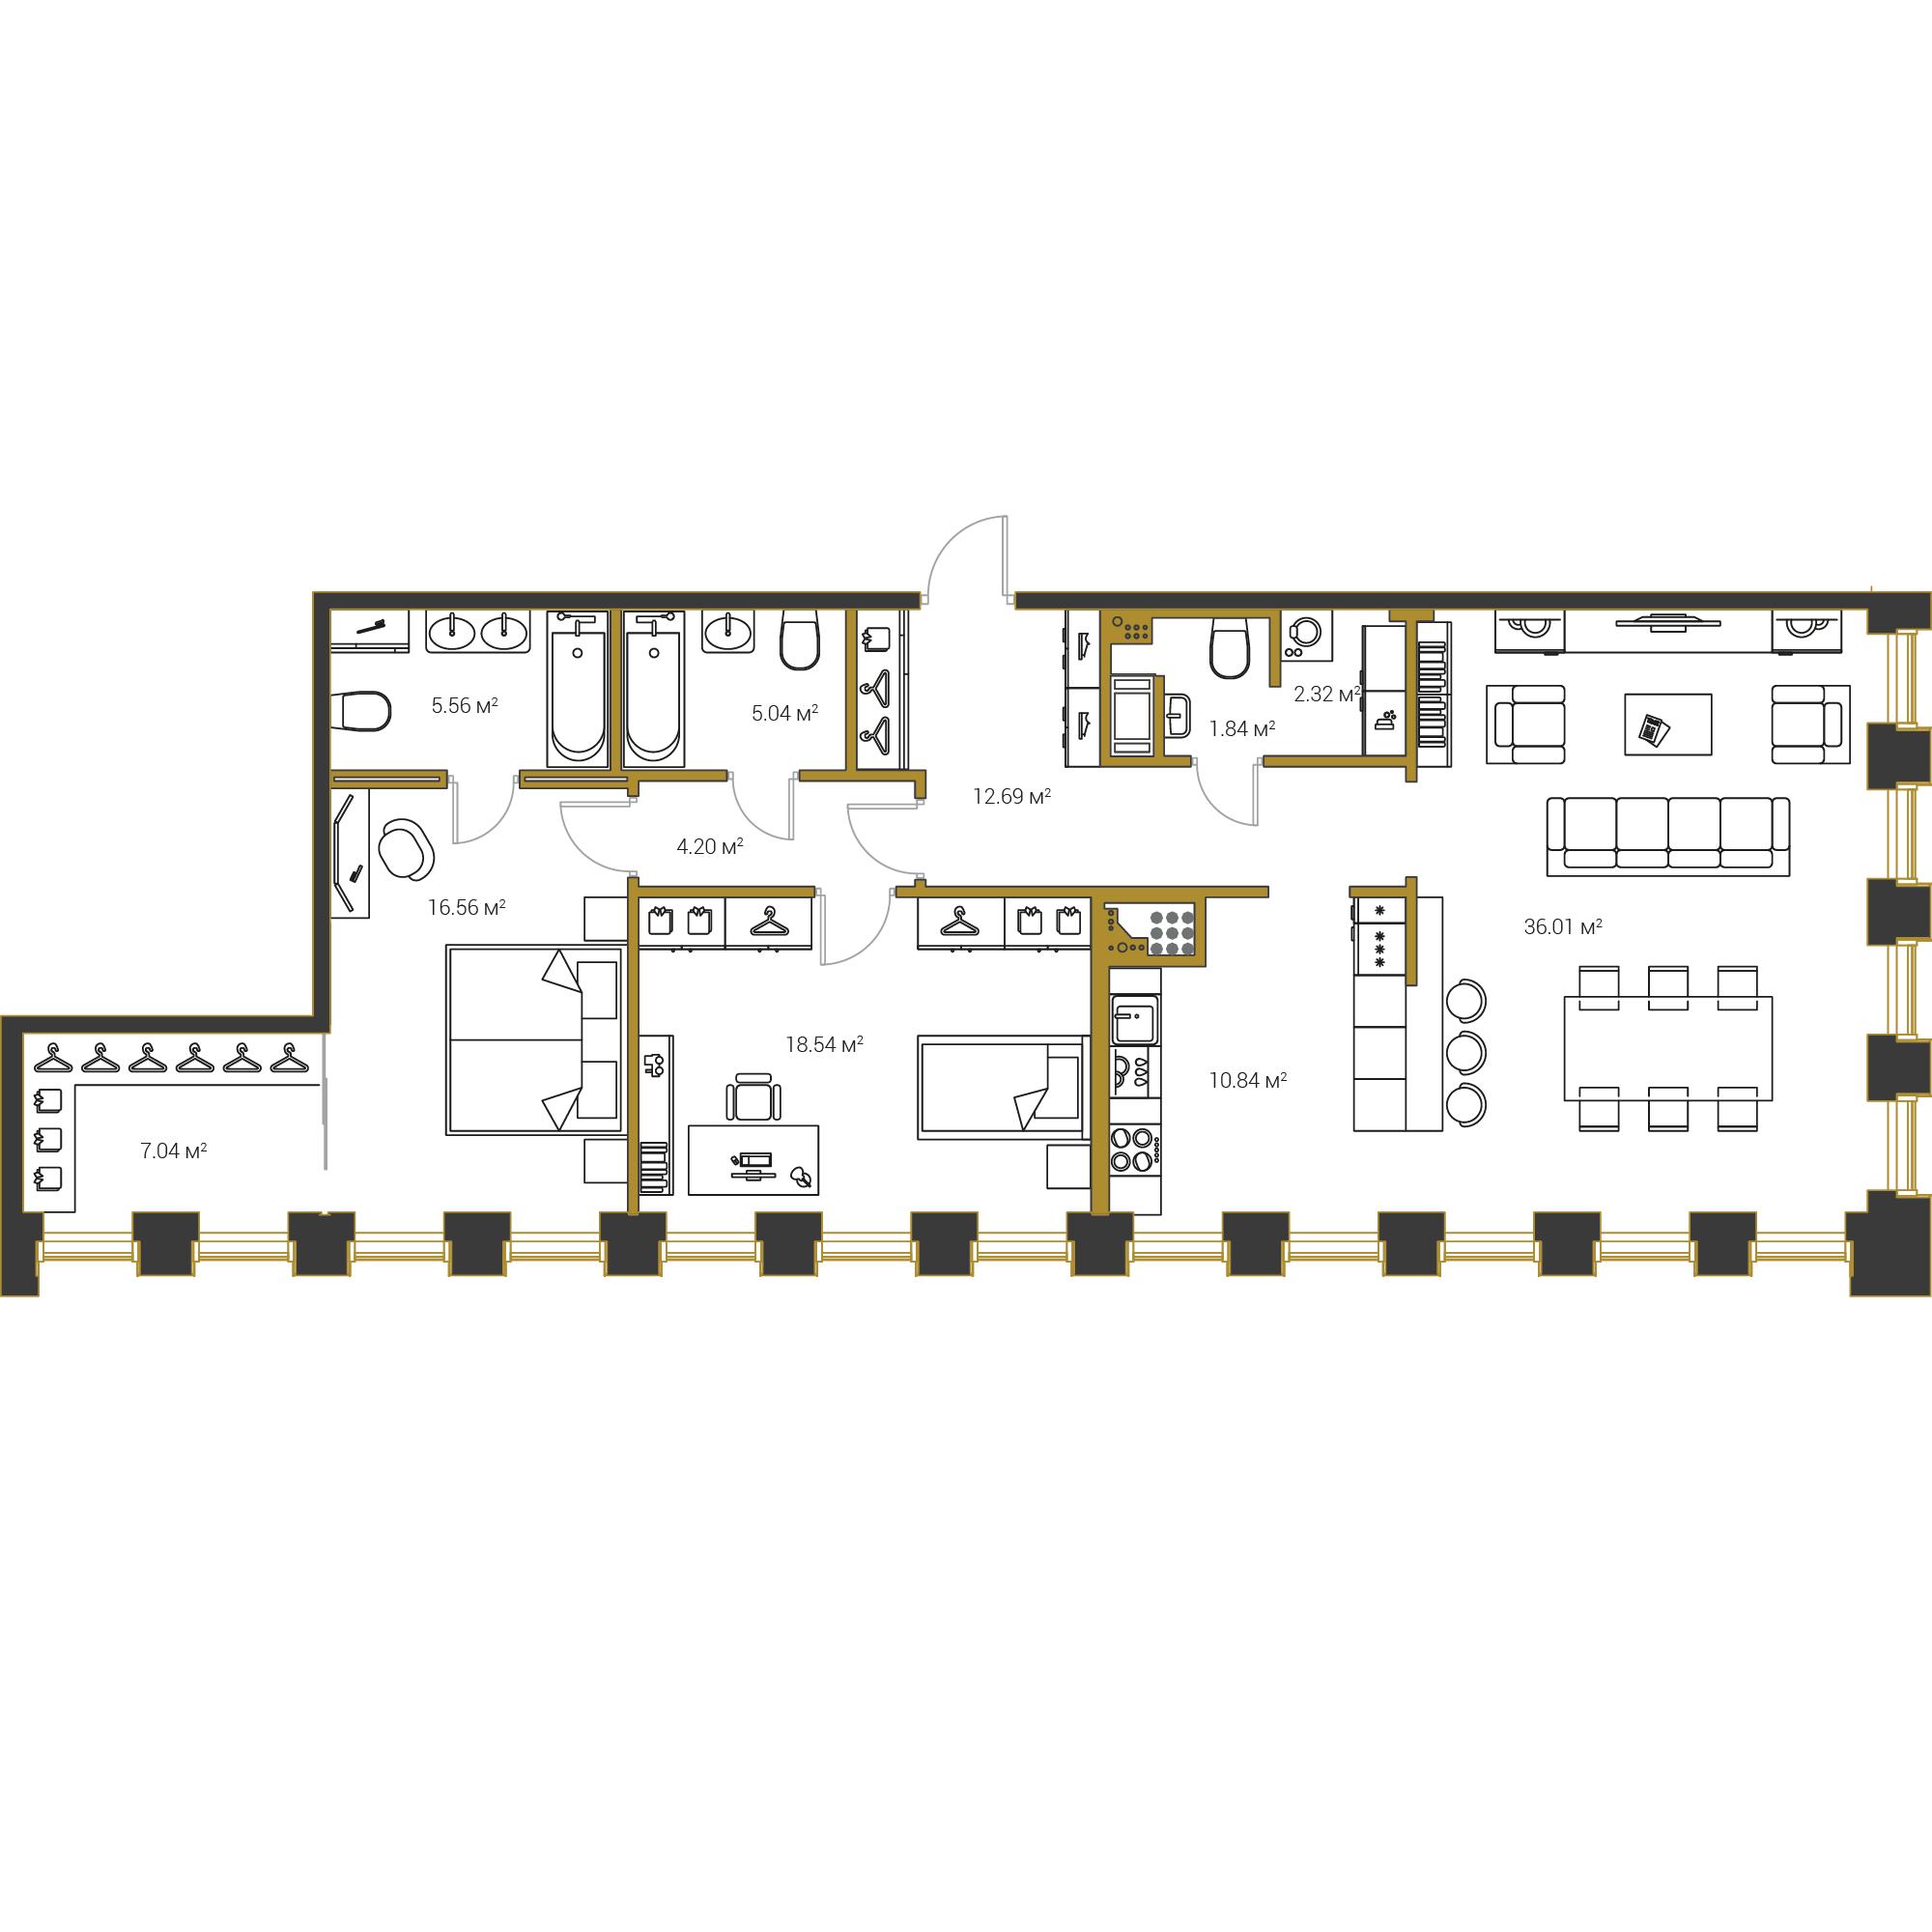 2-комнатная квартира №16 в: Институтский,16: 120.64 м²; этаж: 18 - купить в Санкт-Петербурге